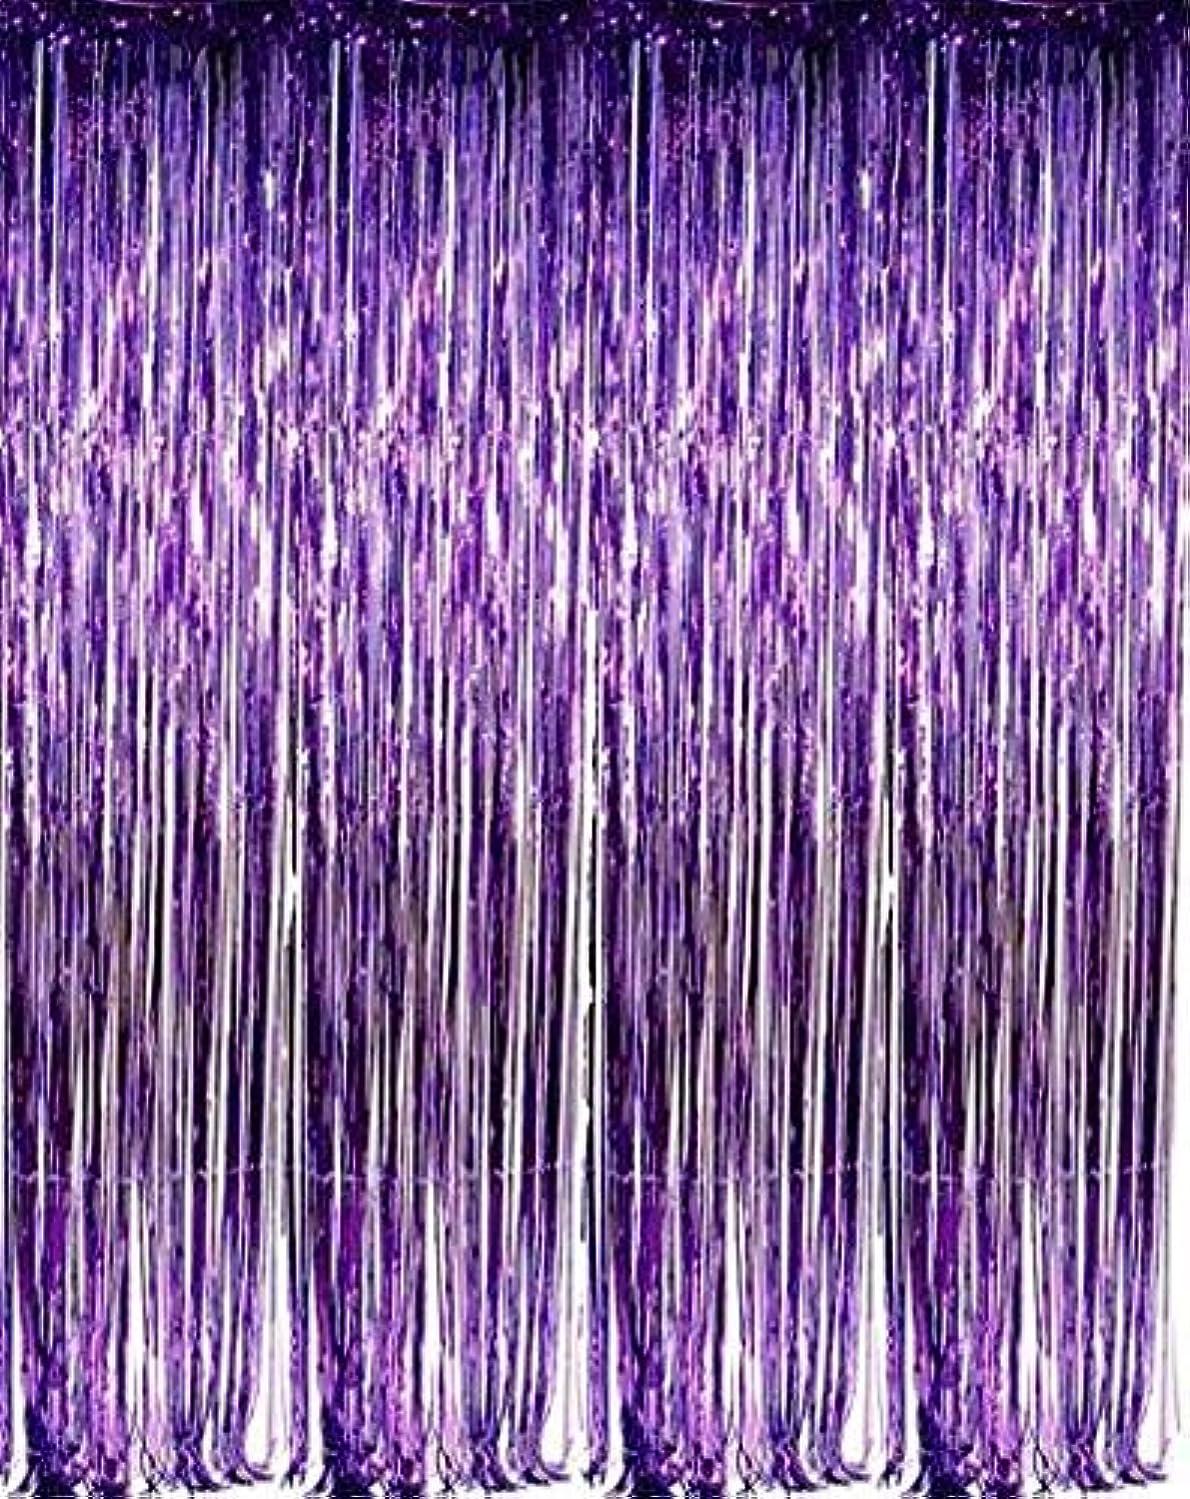 zhcoy Set of 2 Purple Foil Fringe Door & Window Curtain Party Decoration 3' X 8' (36